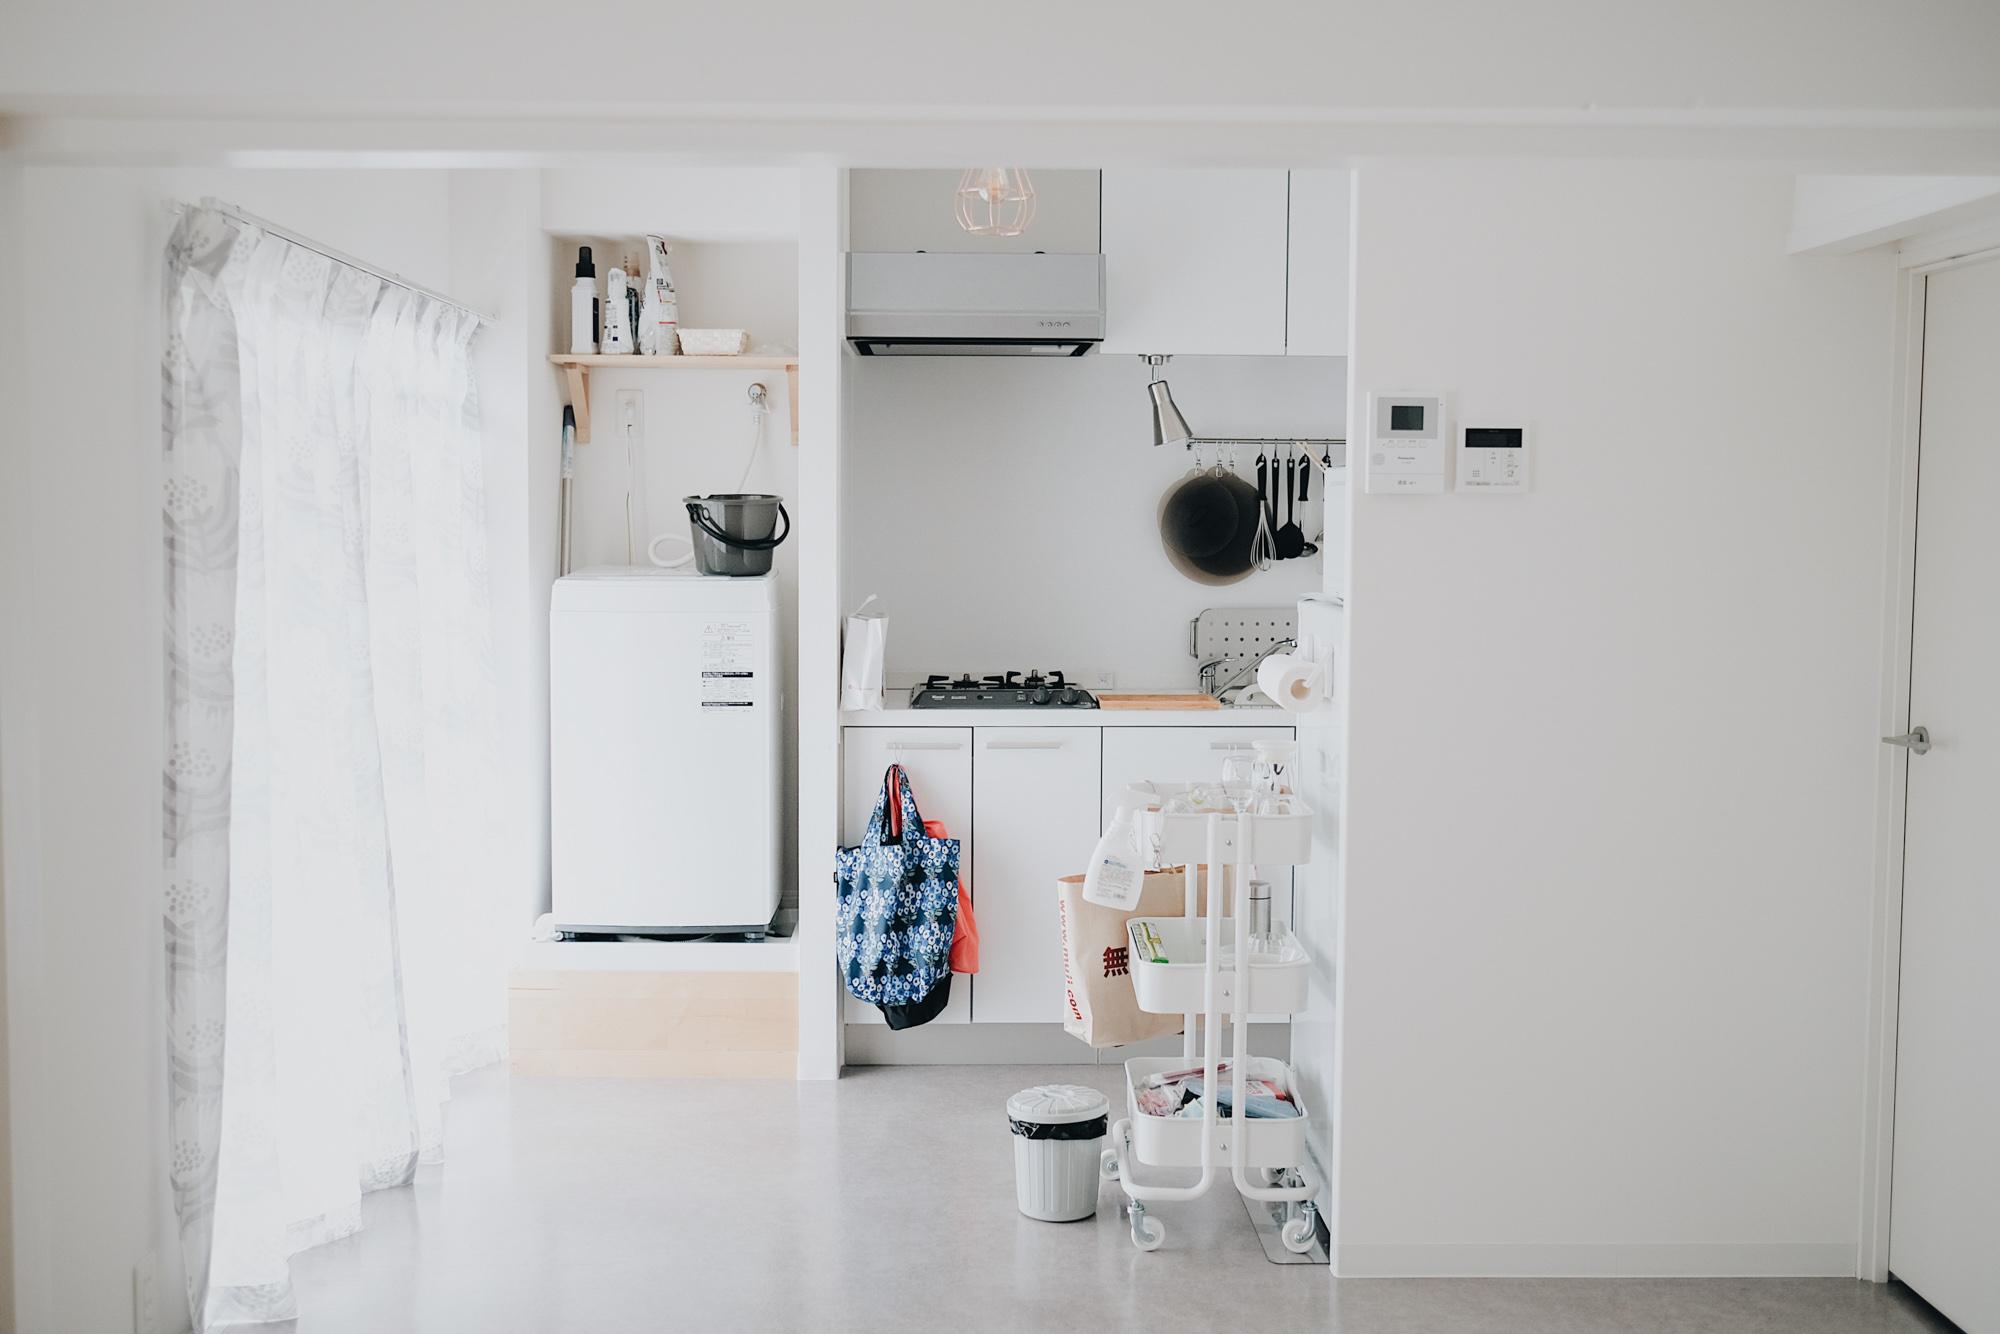 キッチンやバスルームなど水回りは全て新しいものに交換されているお部屋。